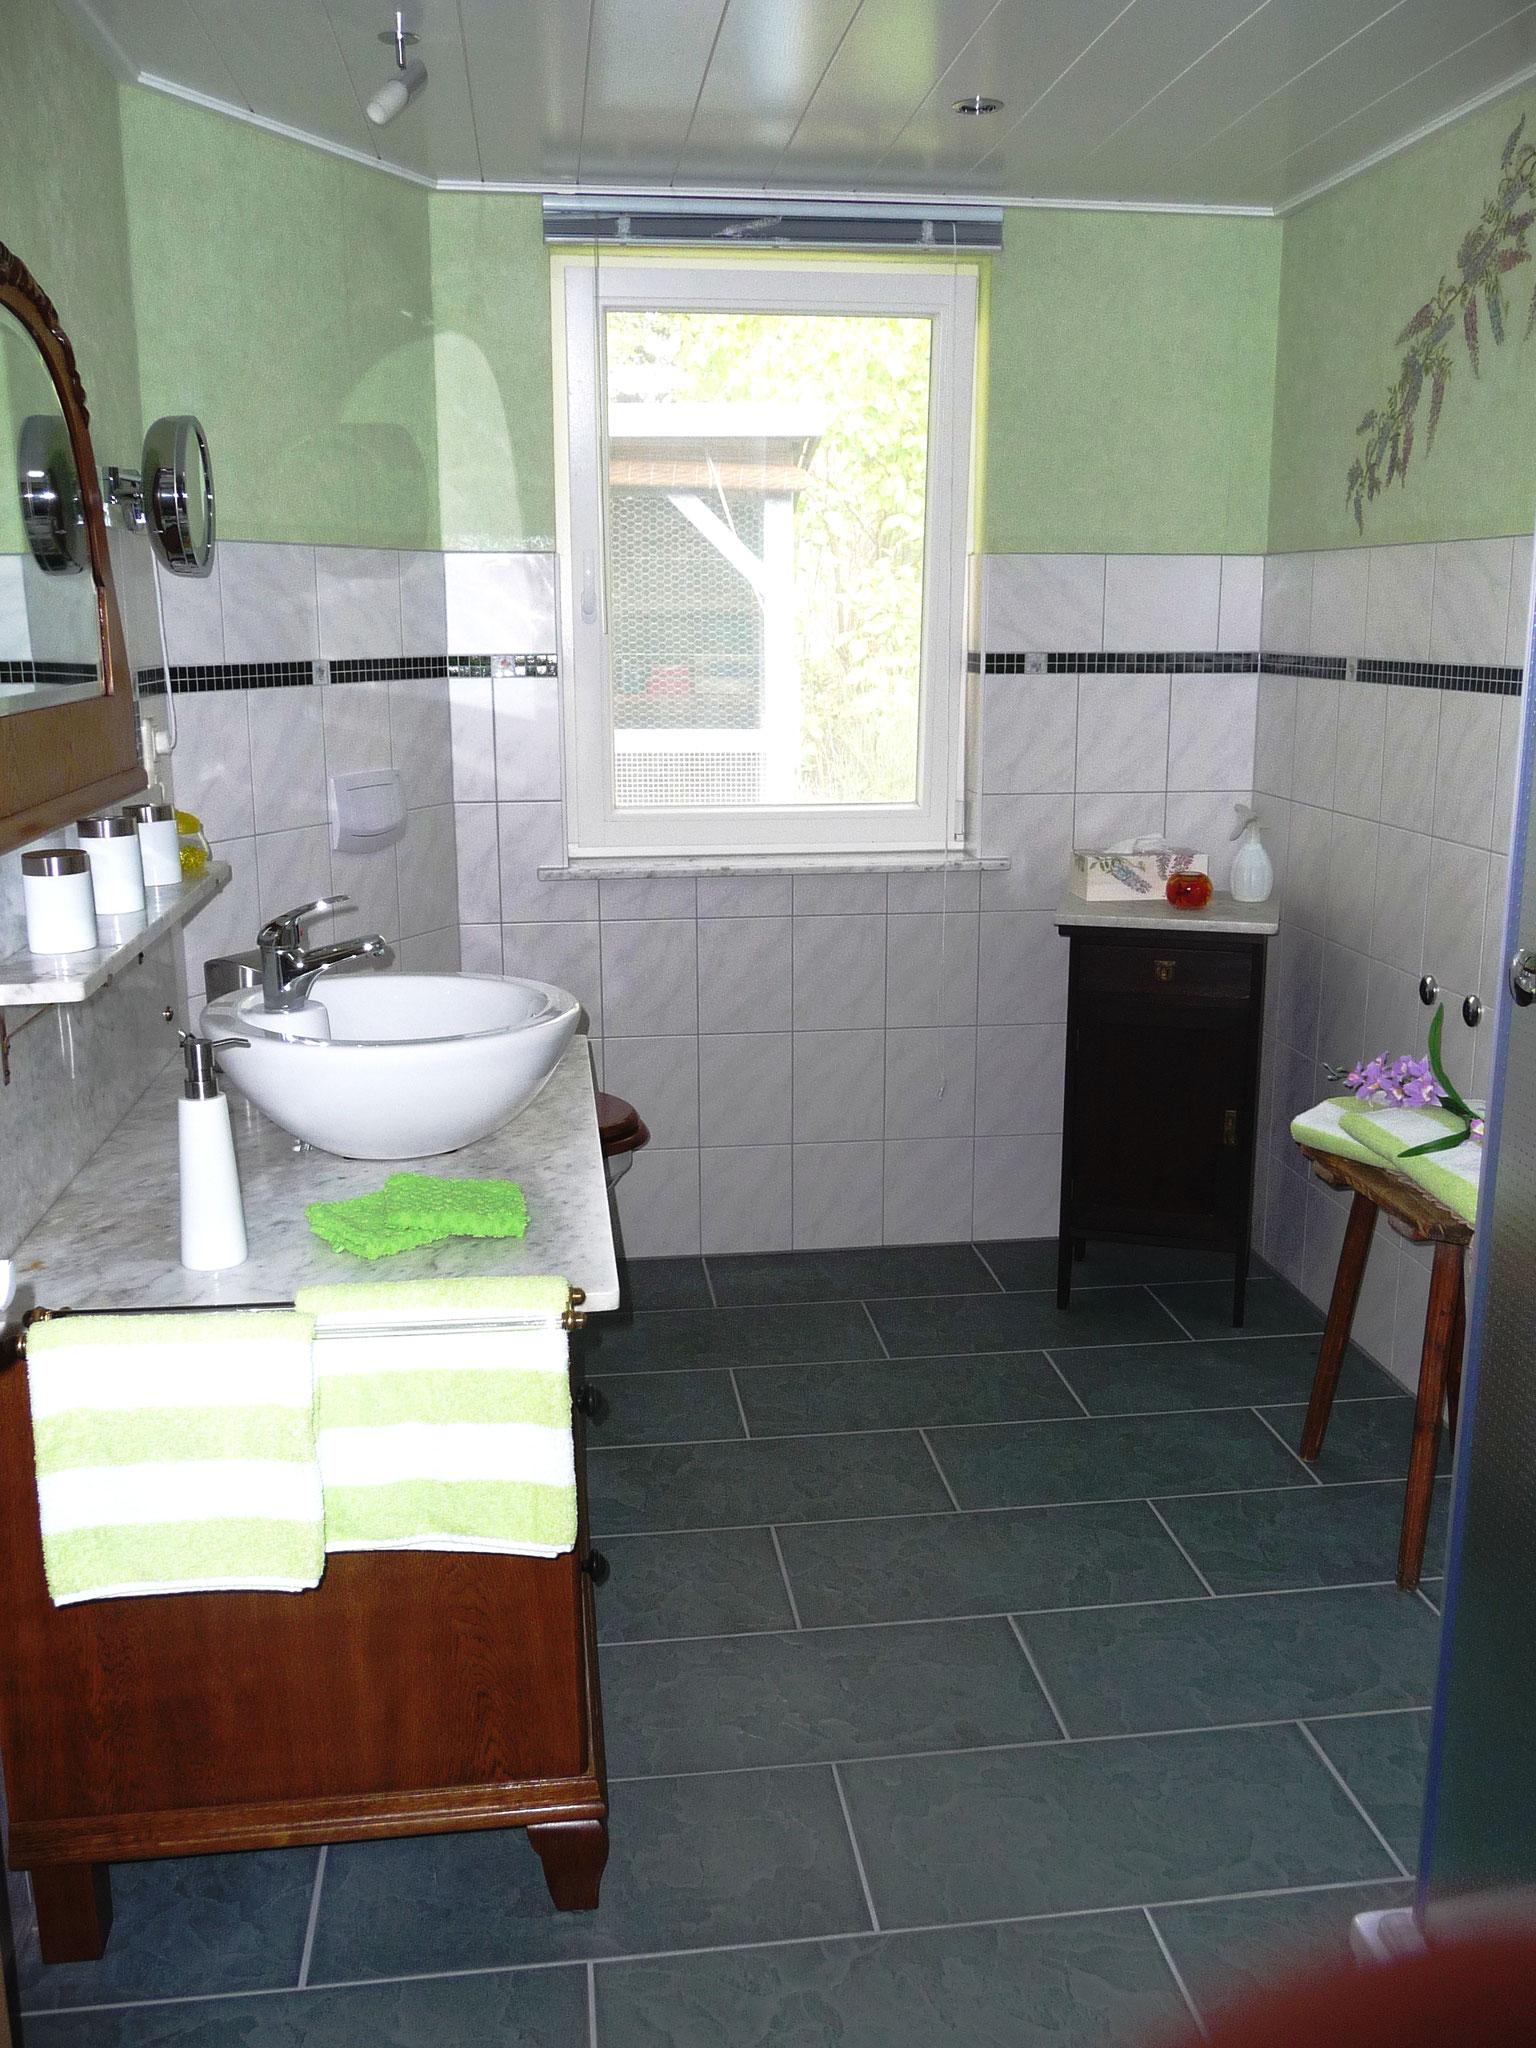 Hygiene soll auch im Urlaub ein Vergnügen sein. Ein helles, freundliches Bad, die unverwechselbare Schönheit alter Möbel - detailgetreu restauriert - verbunden mit allem Komfort moderner Ausstattung, die Sie von daheim gewohnt sind.